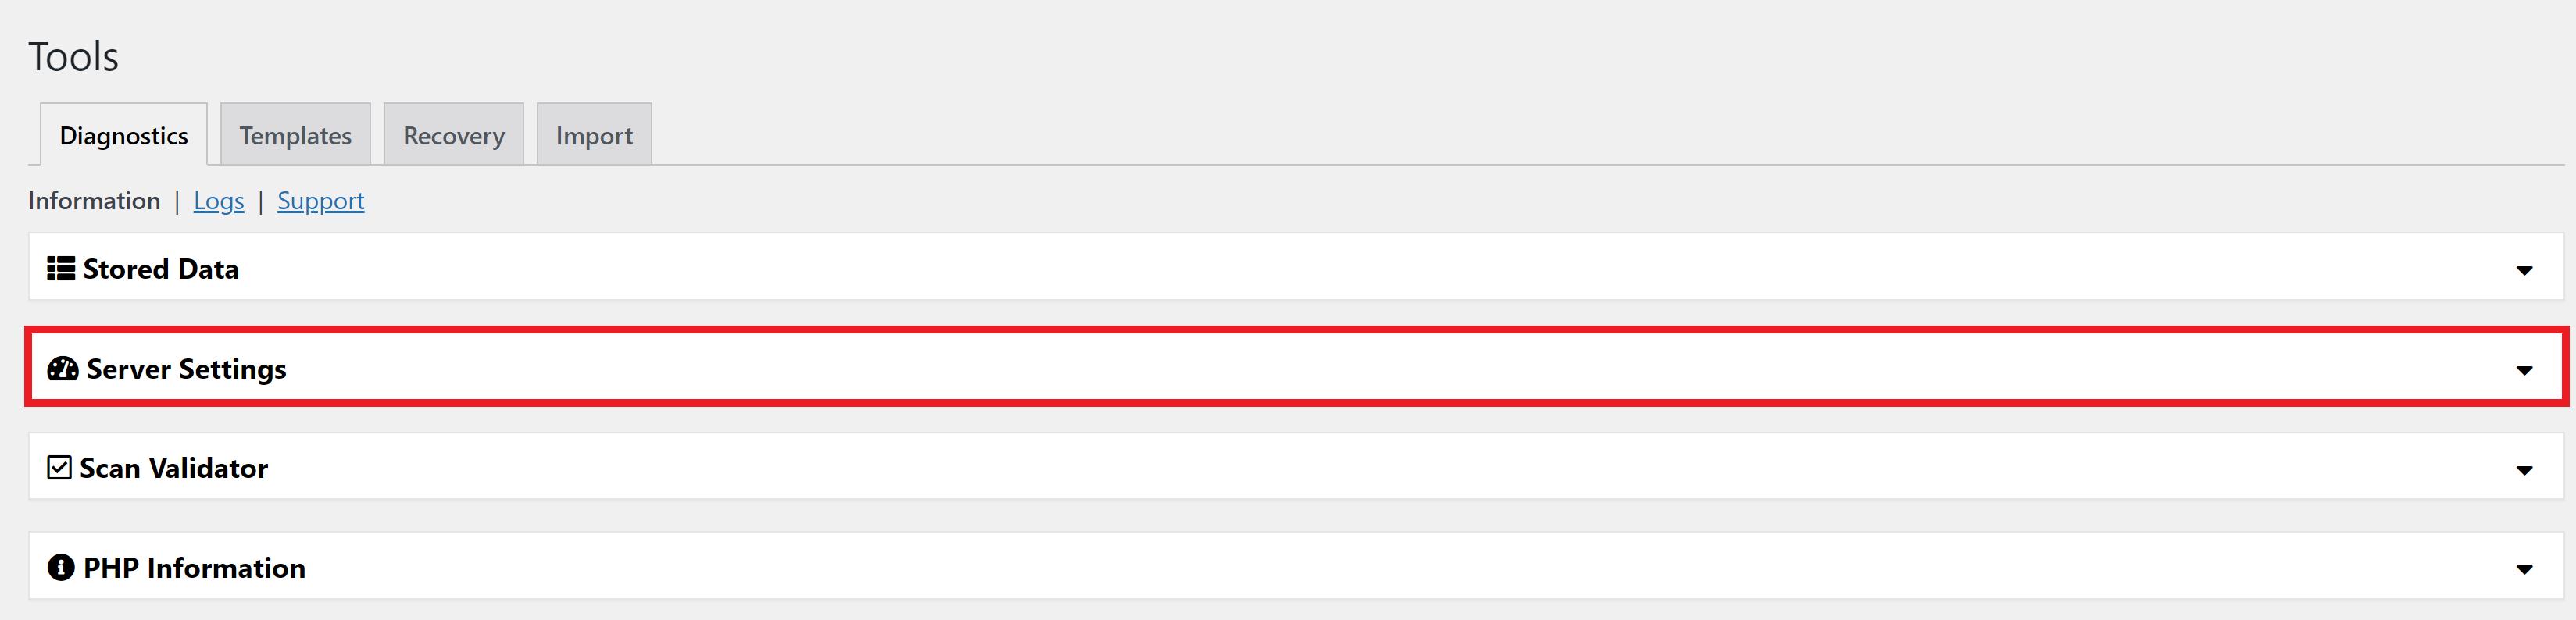 wordpress duplicator plugin server settings